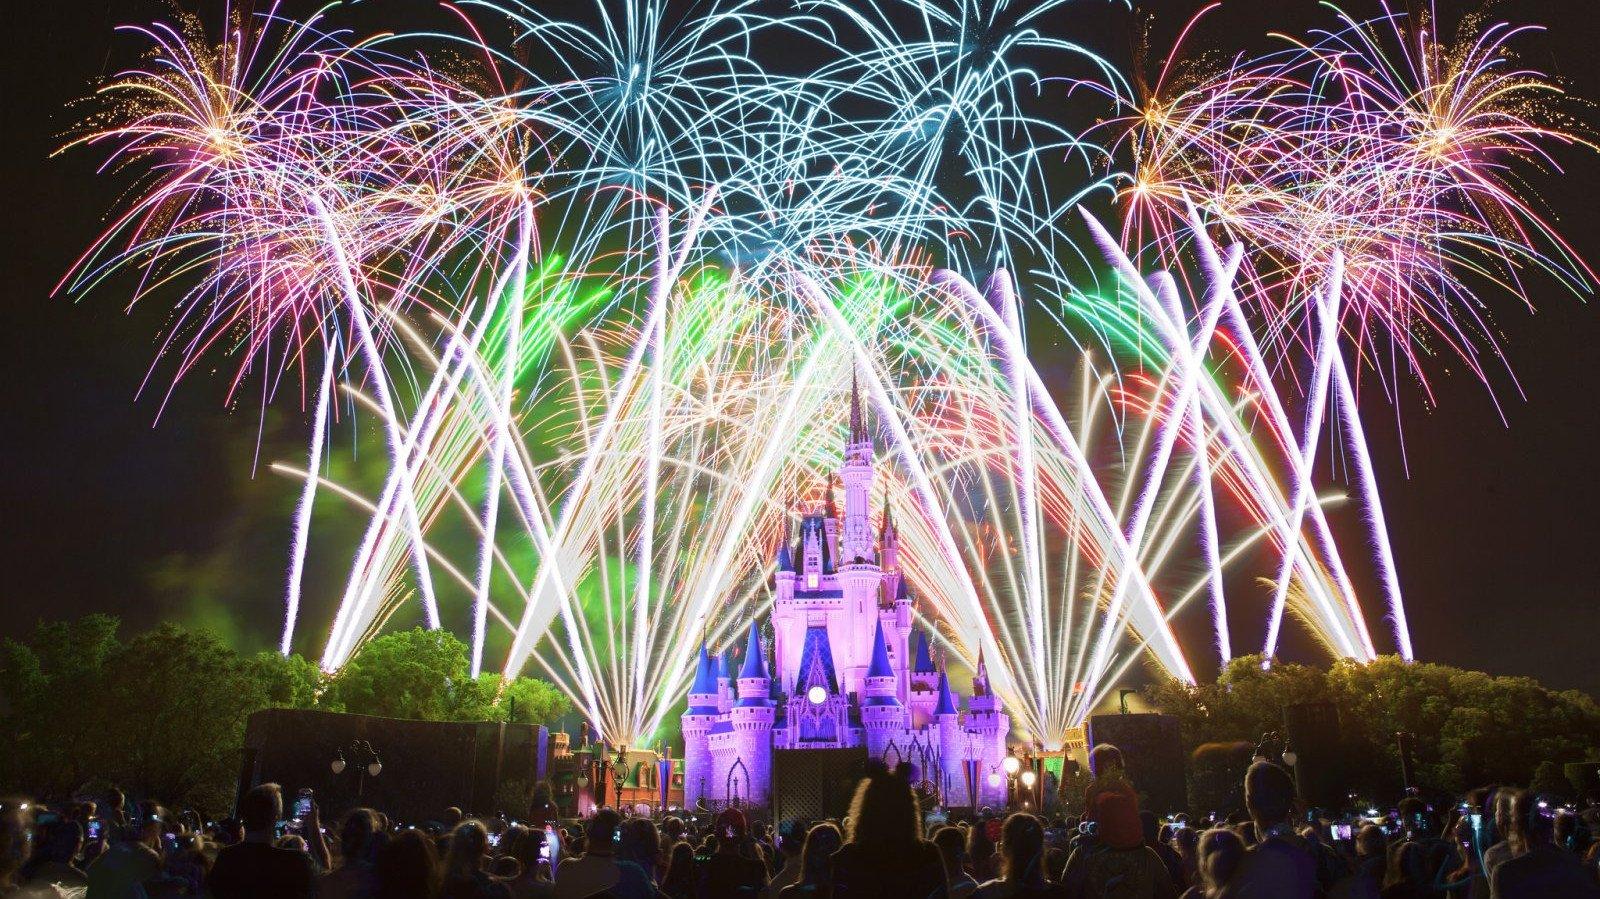 El fin de año en Disneyland es mágico.